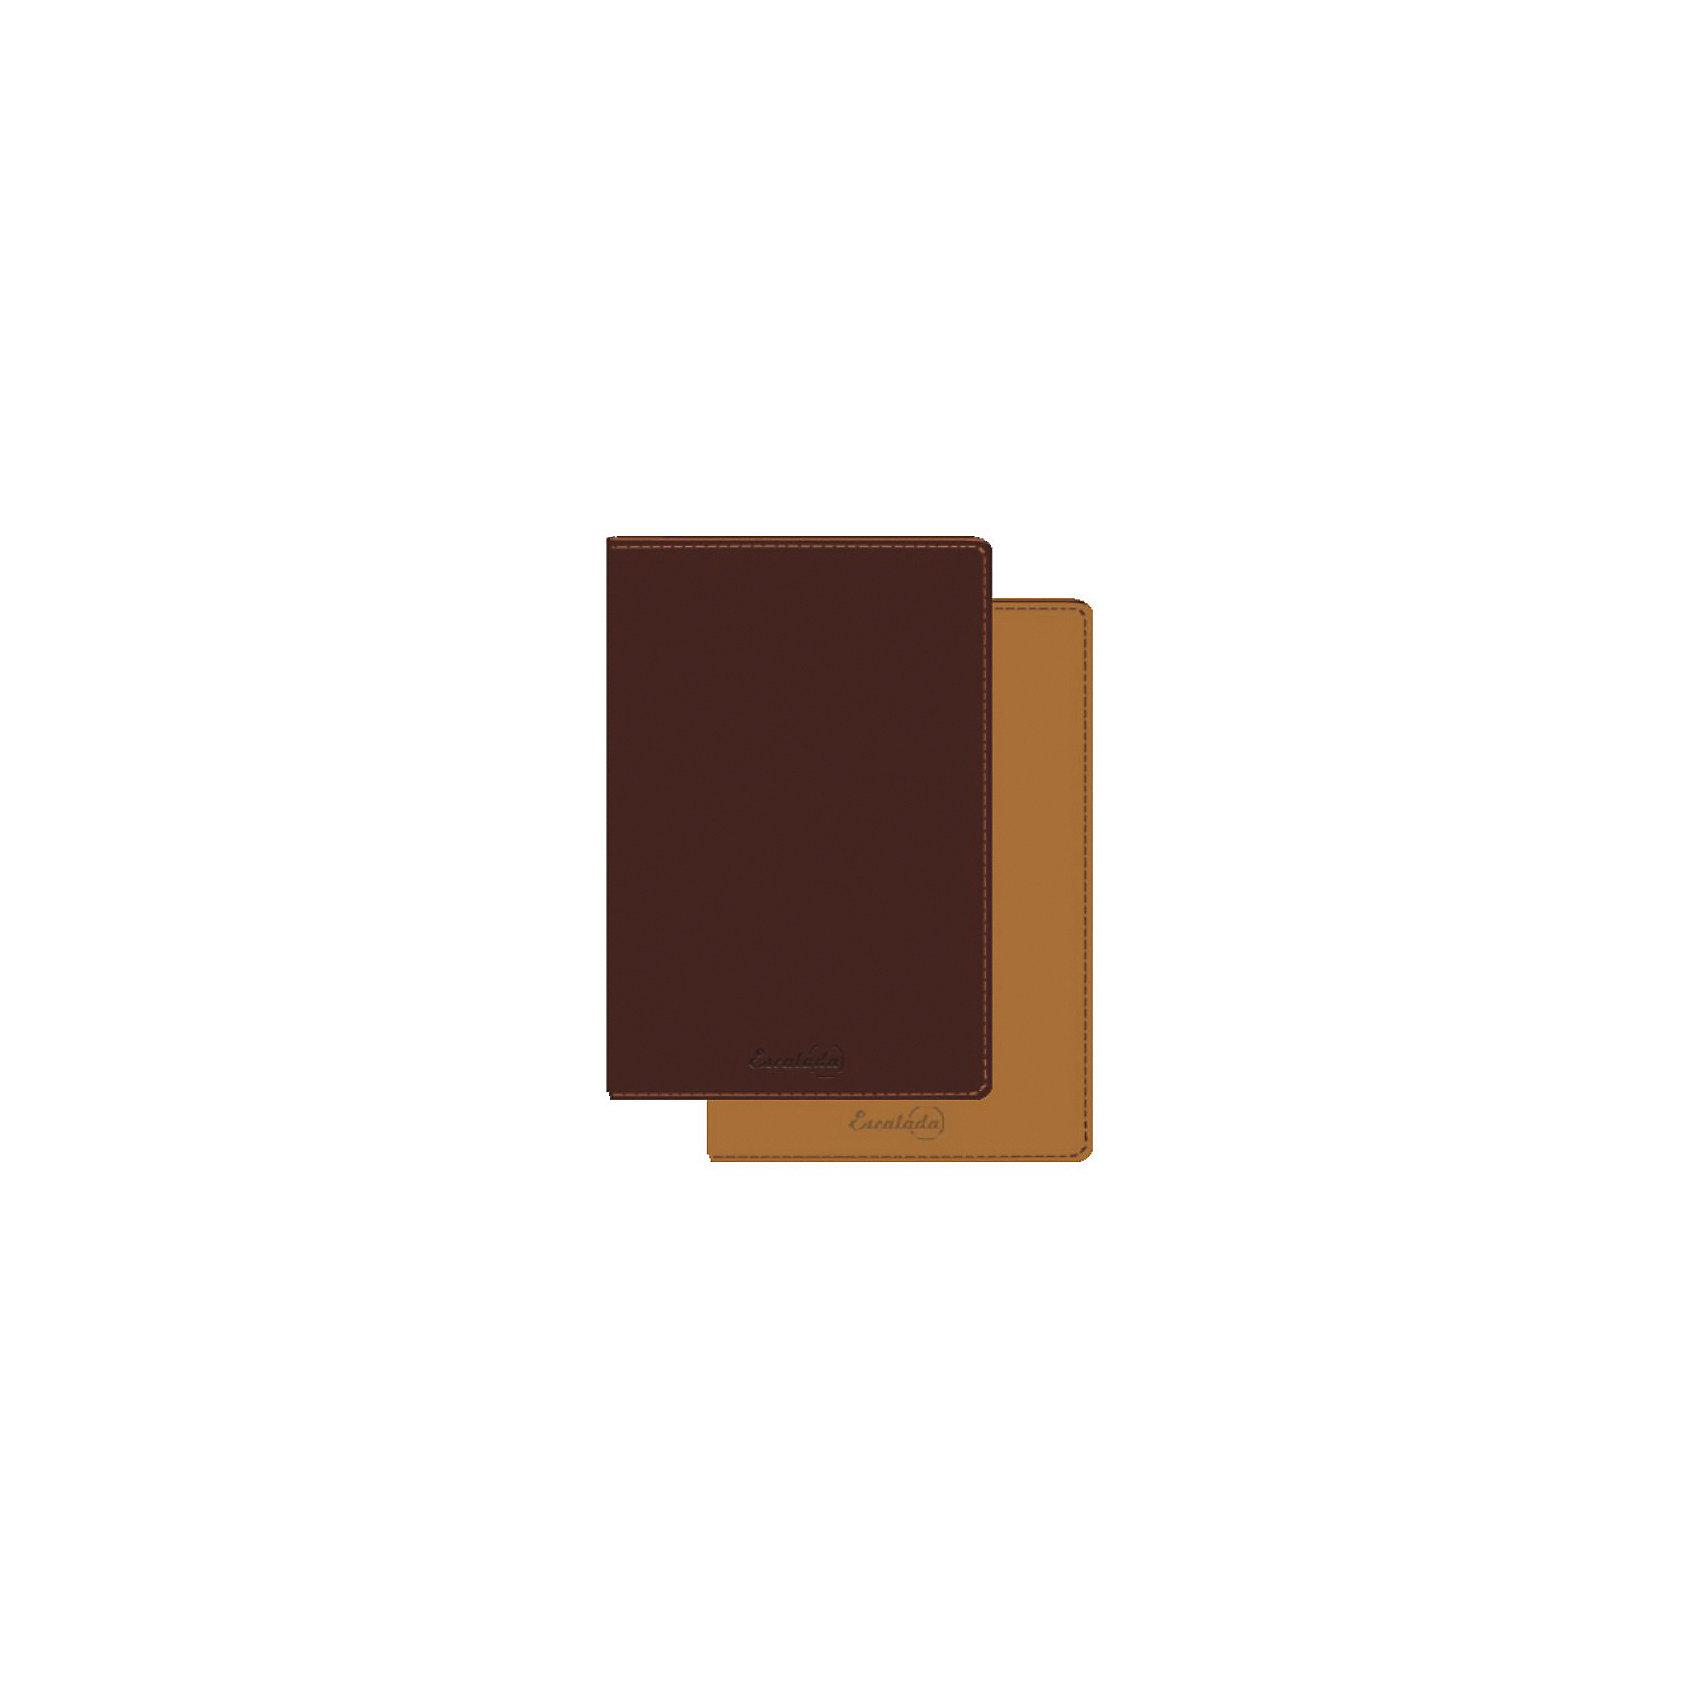 Записная книга 2 в 1Феникс+, коричнево-оранжевыйБумажная продукция<br>Записная книга Копибук 2 в 1 КОРИЧНЕВО-ОРАНЖЕВЫЙ (А5, 145х213мм, мягк. переплет, 320 стр., офсет, печать блока в одну краску, запеч. форз. пантоном. Сочет. двух контраст. переплетных материалов, обл. декорир. отстрочкой)<br><br>Ширина мм: 215<br>Глубина мм: 145<br>Высота мм: 20<br>Вес г: 440<br>Возраст от месяцев: 72<br>Возраст до месяцев: 2147483647<br>Пол: Унисекс<br>Возраст: Детский<br>SKU: 7046201